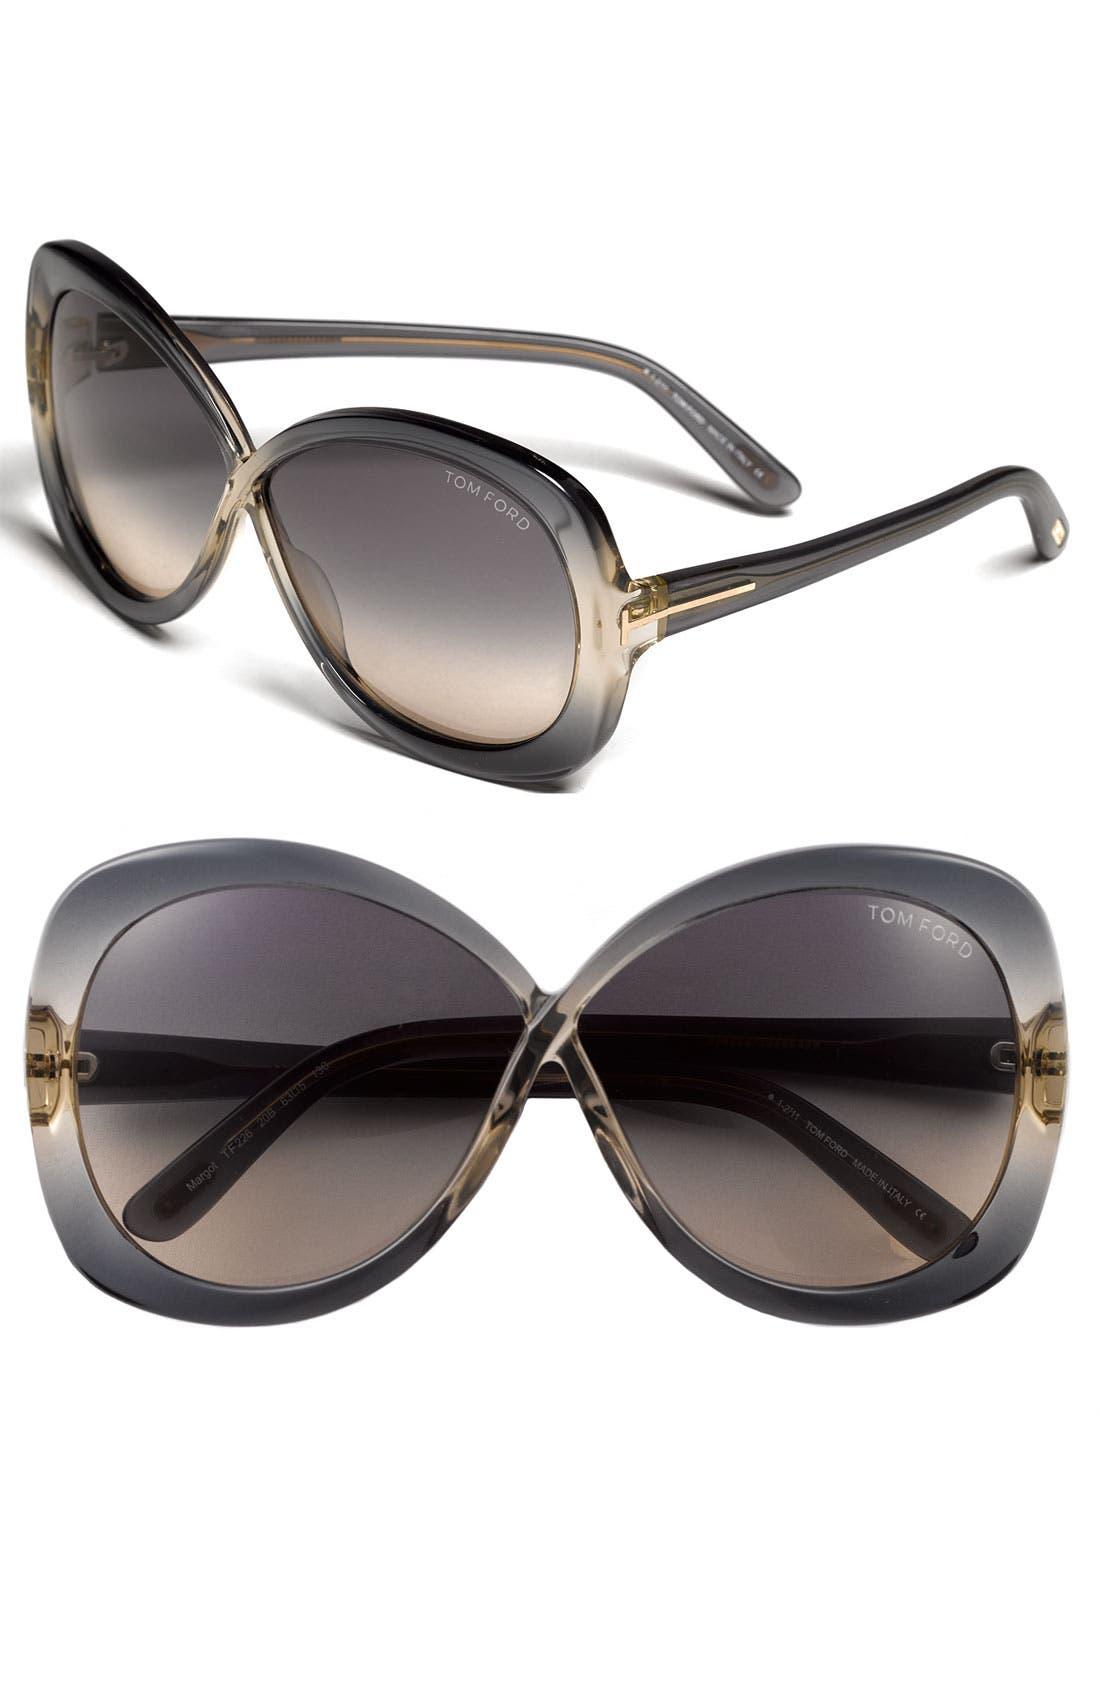 Alternate Image 1 Selected - Tom Ford 'Margot' Oversized Sunglasses